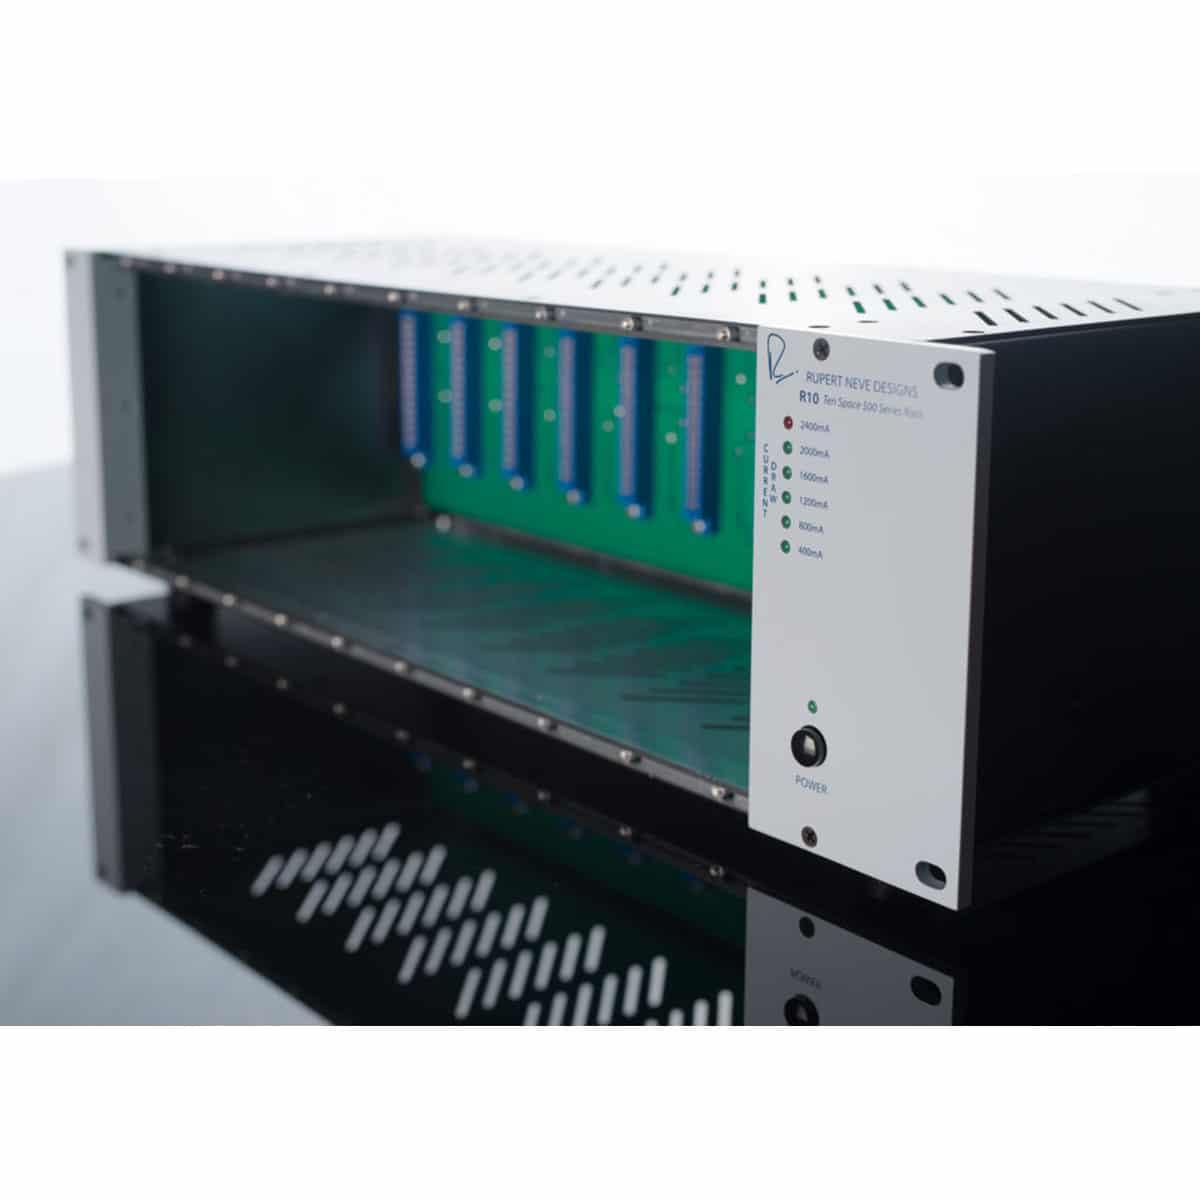 Rupert Neve R10 05 Pro Audio, Accessori, Lunchbox